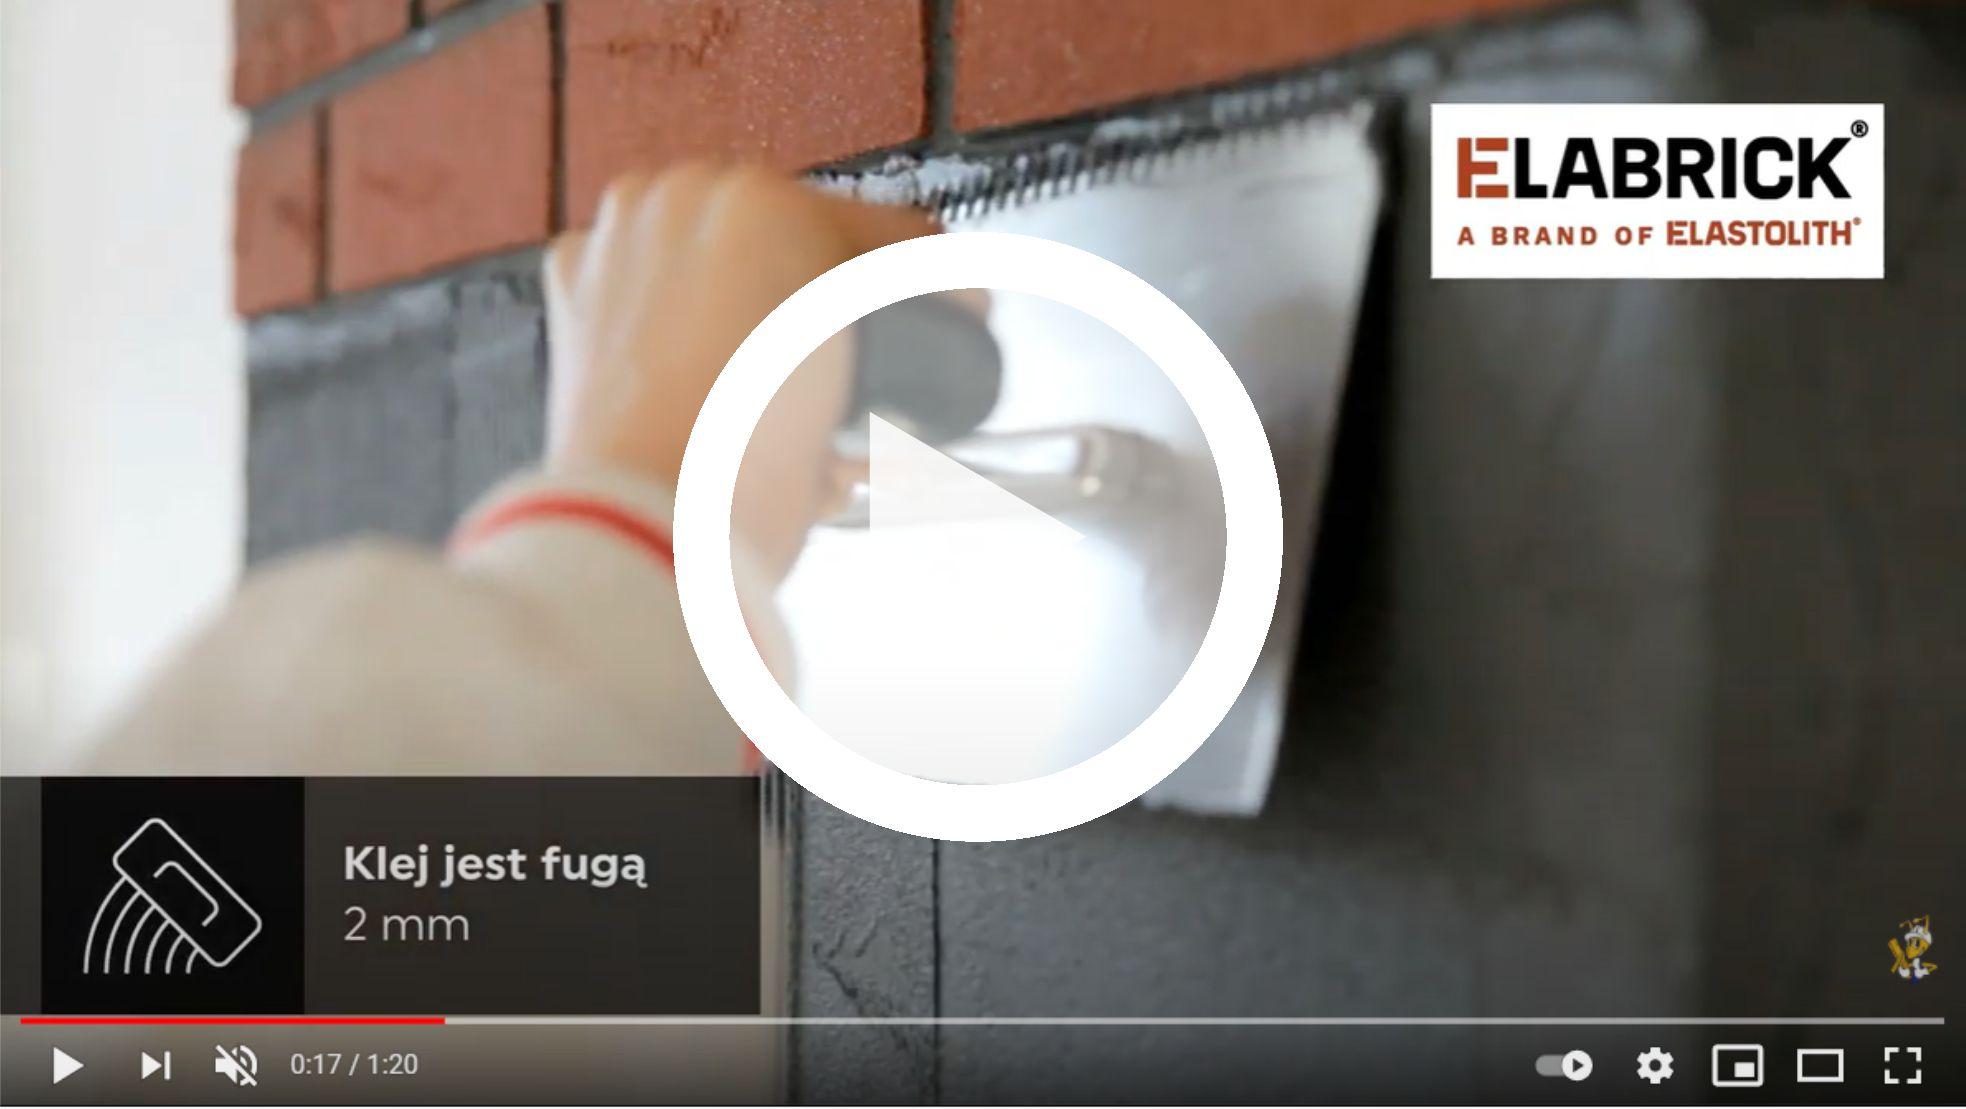 jak-prawidlowo-zamontowac-plytki-klinkierowe-elastolith-elabrick-instrukcja-krok-po-kroku